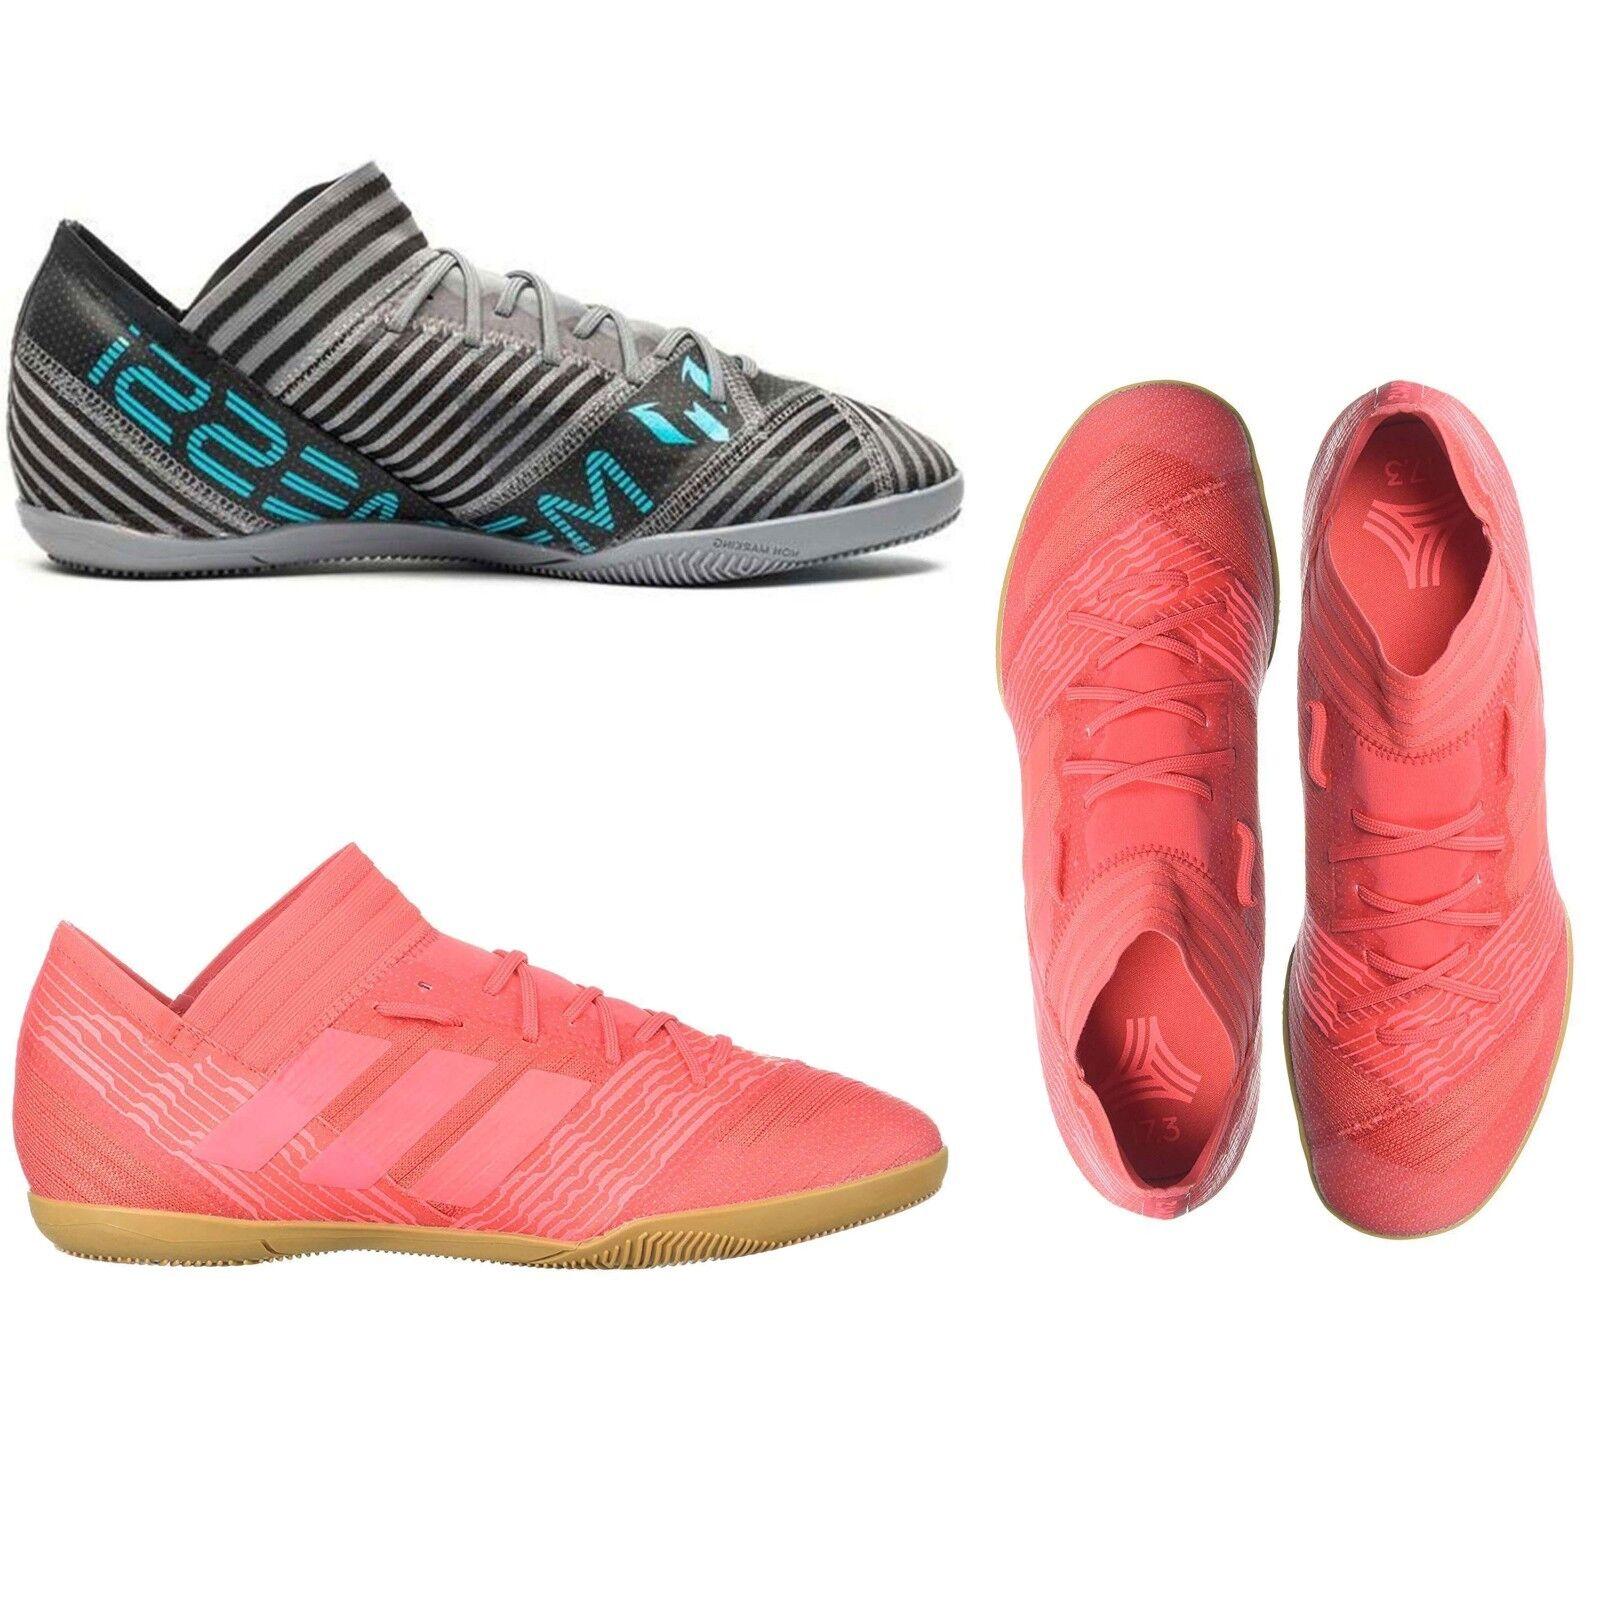 Adidas uomini messi messi uomini nemeziz tango 17,3 indoor scarpette scarpe cp9106. 09bf39